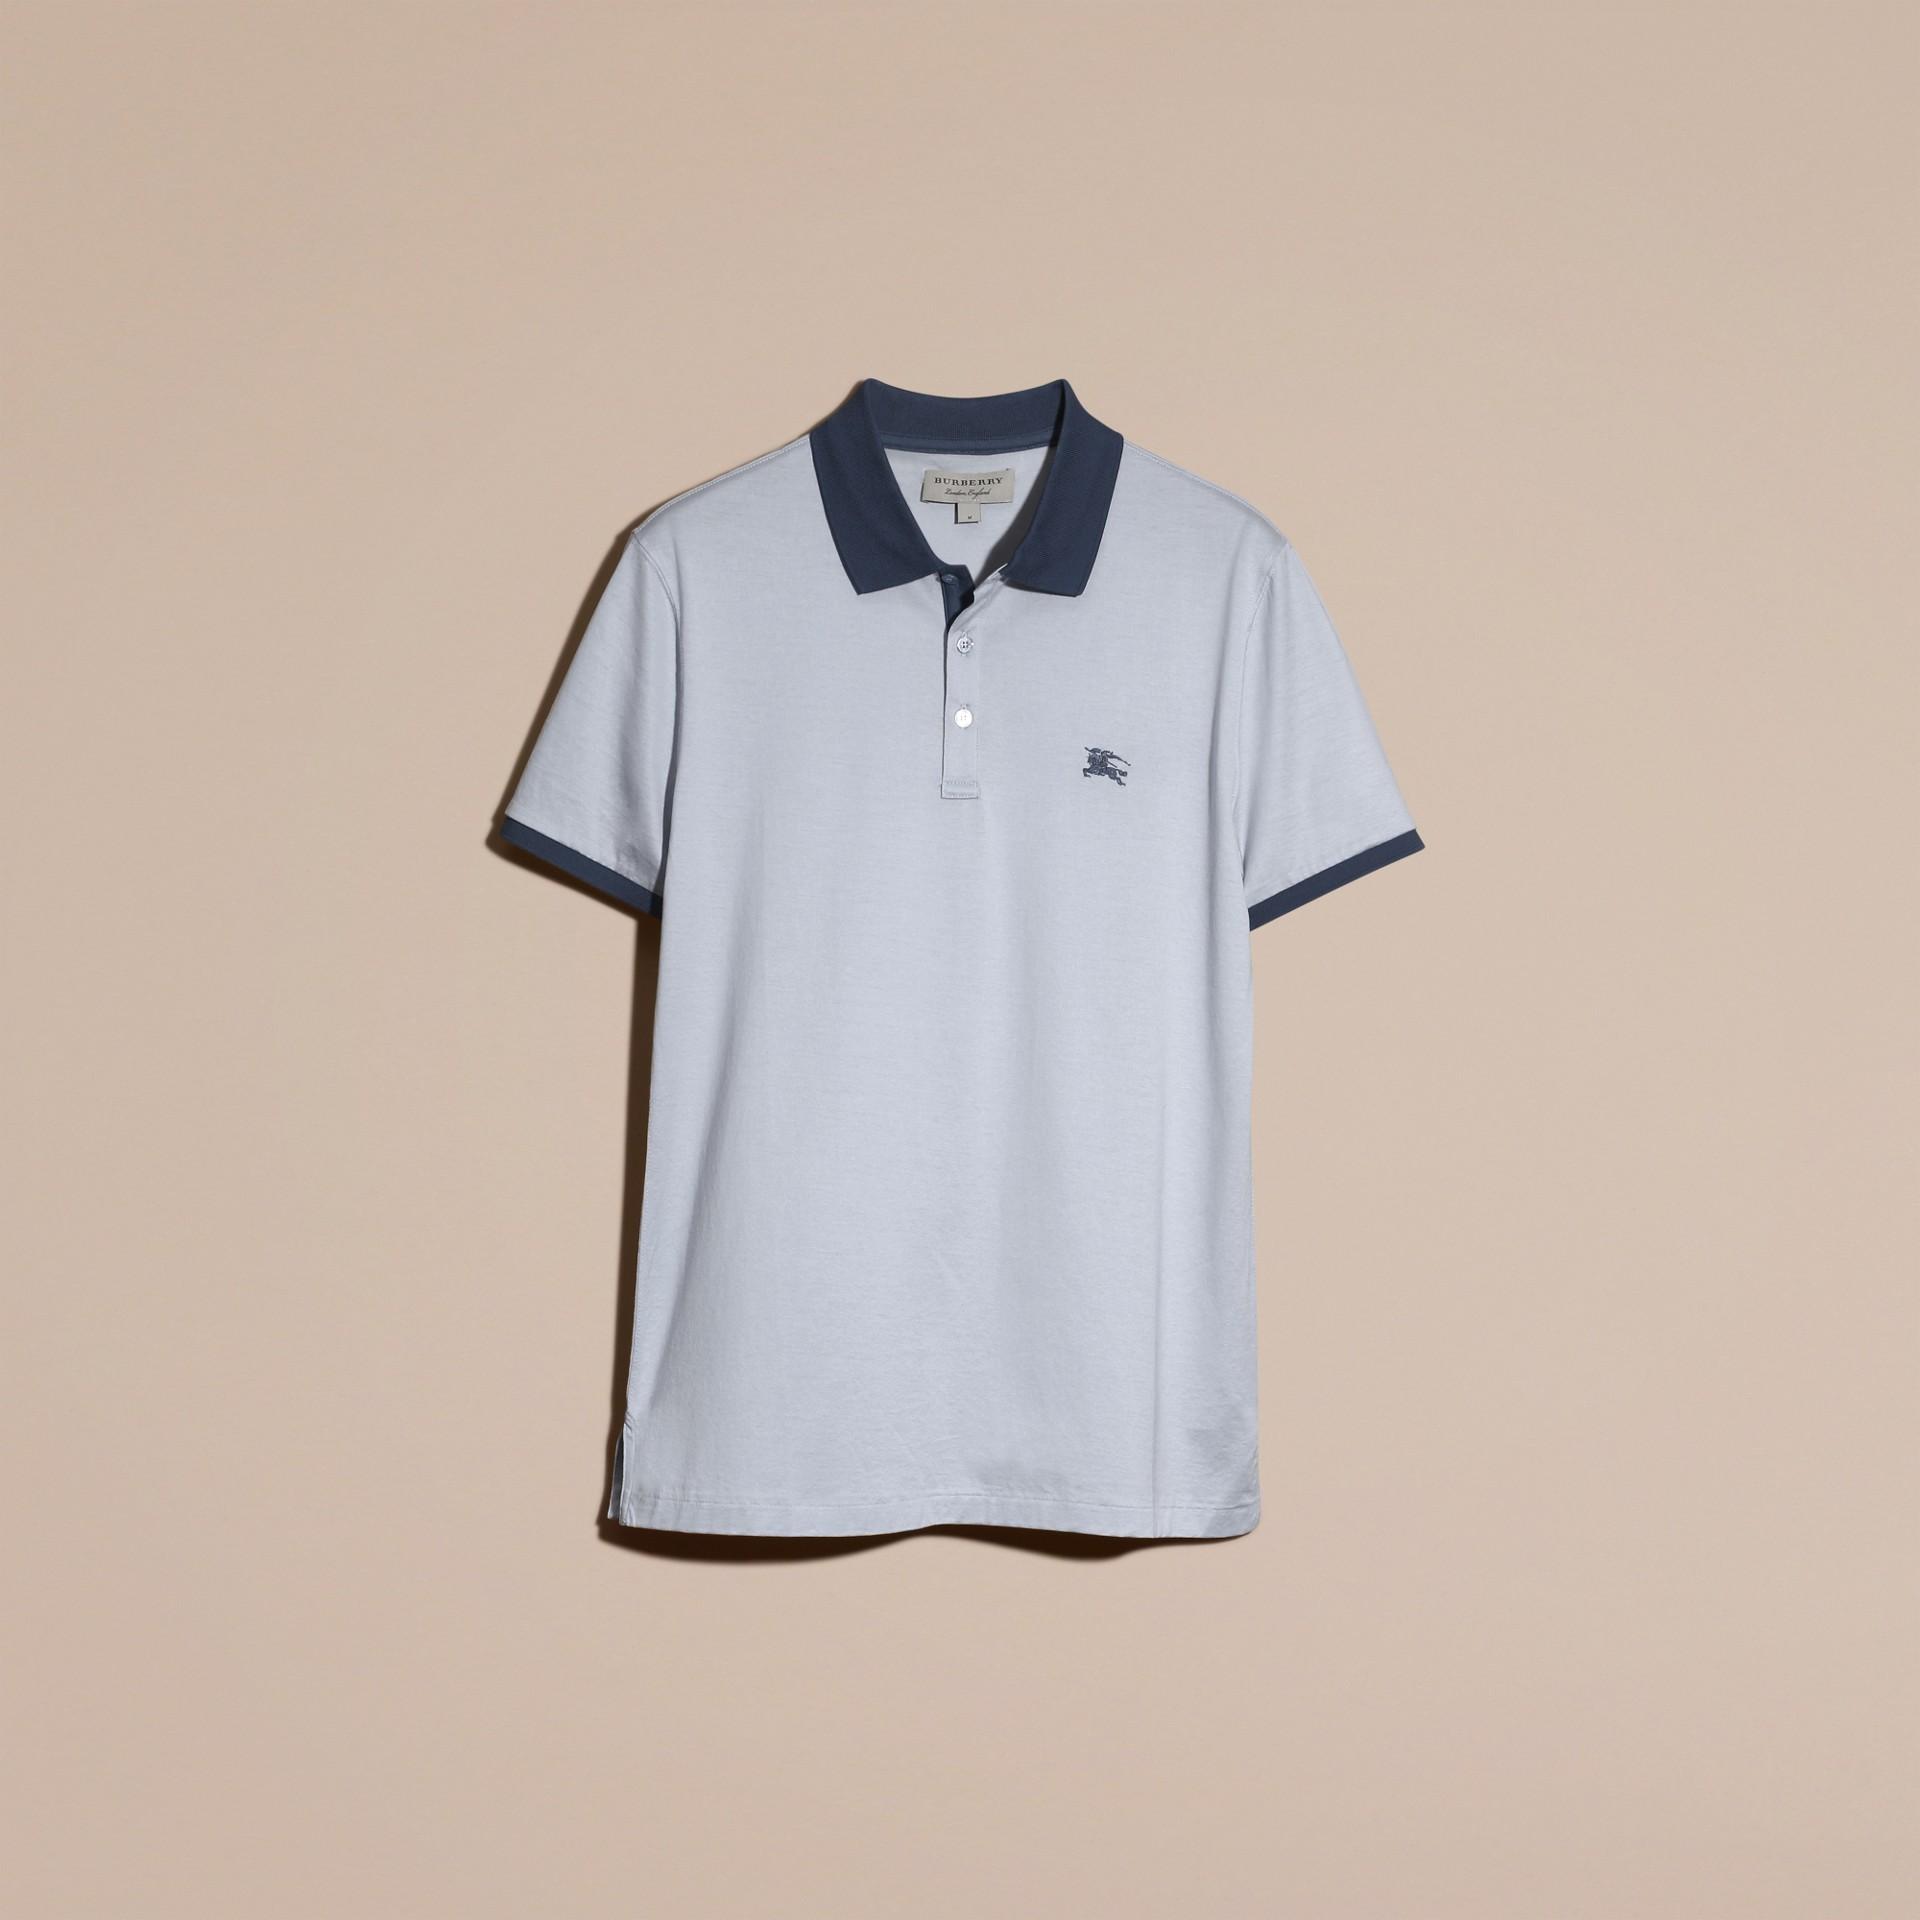 Blu chiaro Polo sfiancata in cotone con finiture tono su tono Blu Chiaro - immagine della galleria 4